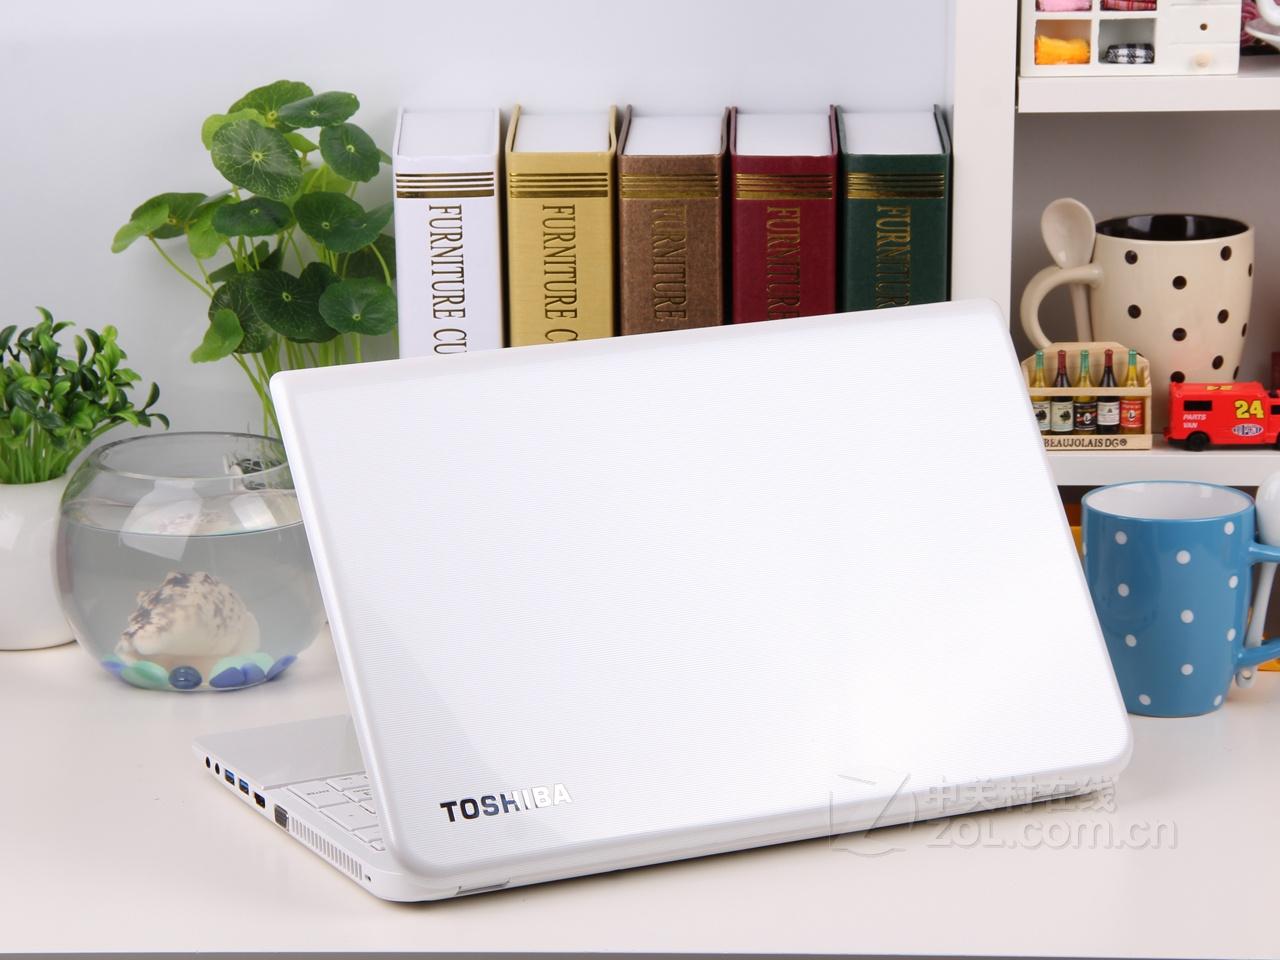 如何选购一款自己满意的笔记本电脑